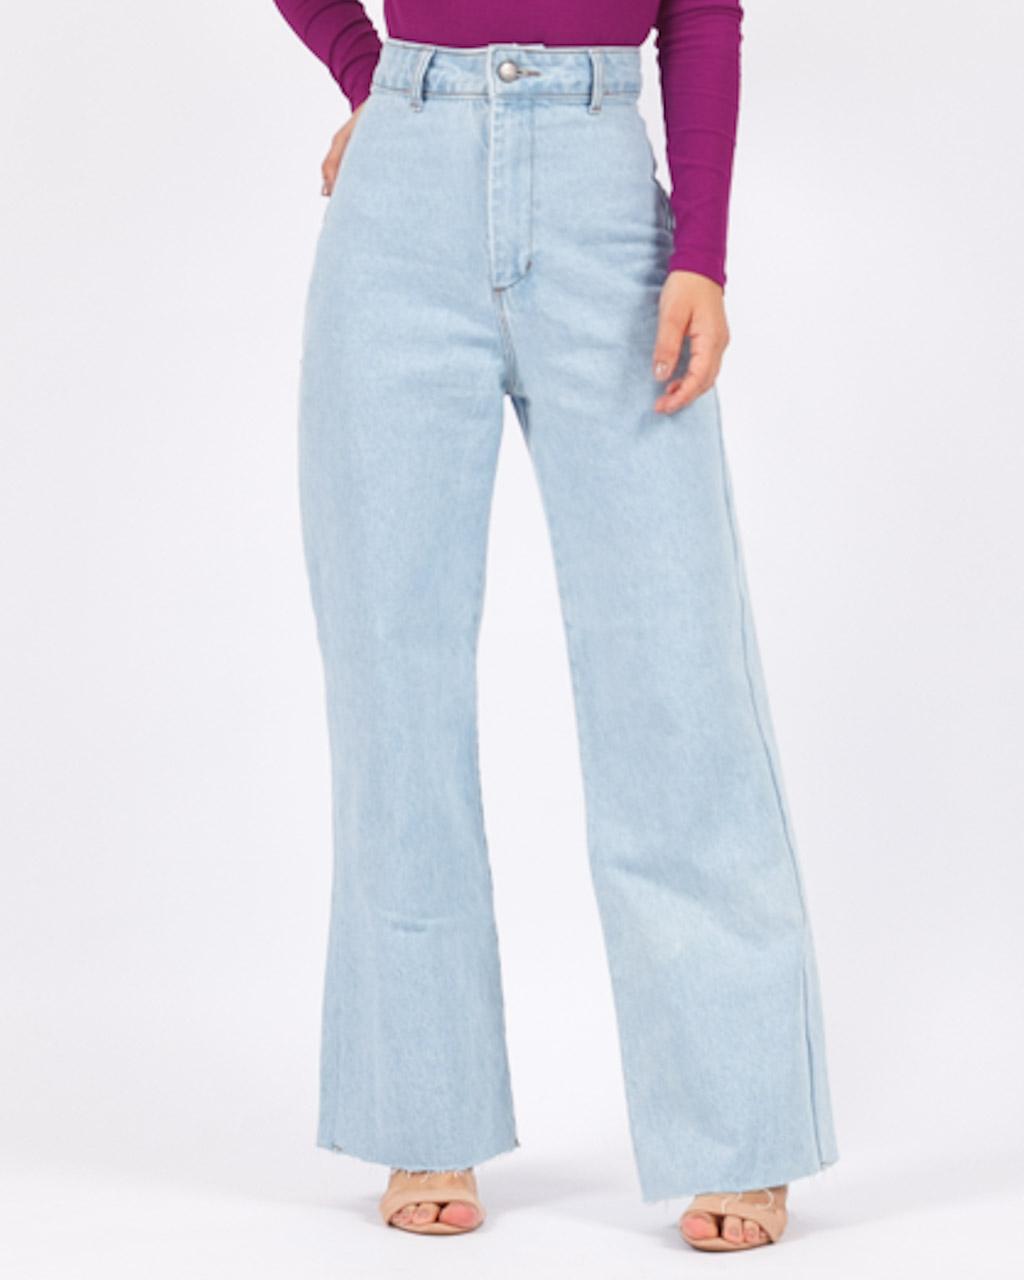 Calça Jeans Reta Bolsos Quadrado